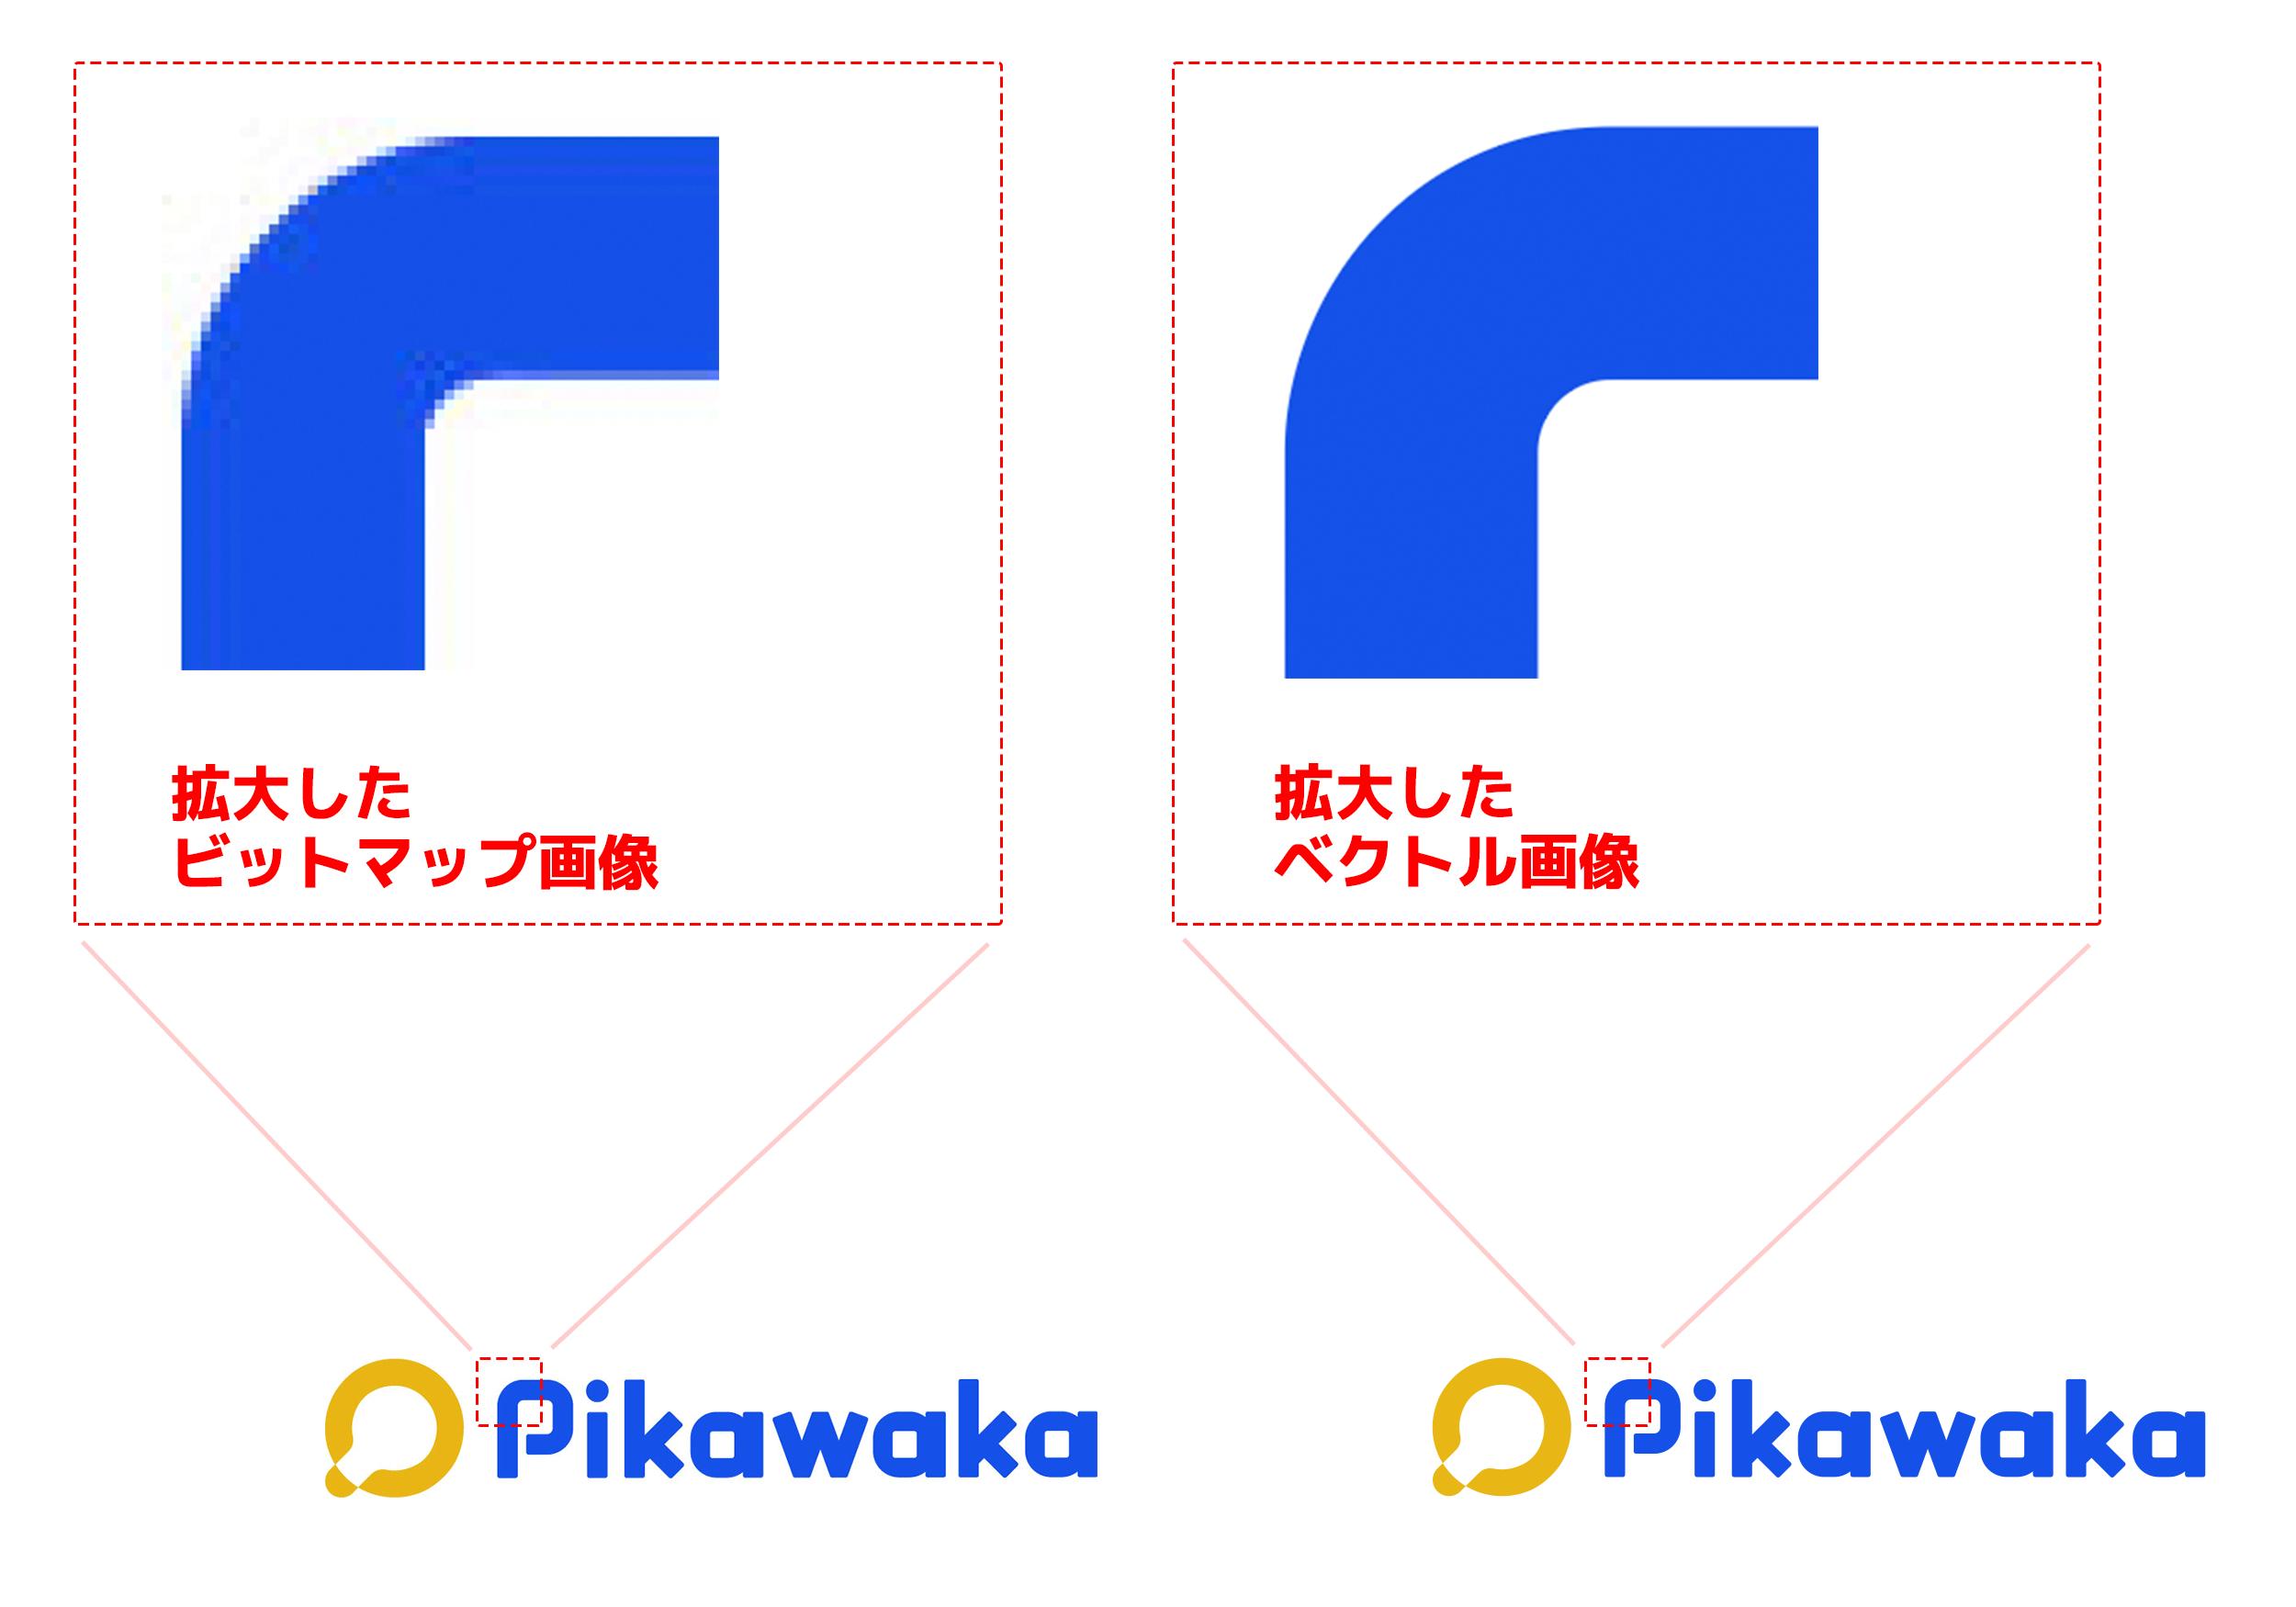 ビットマップ画像とベクトル画像の比較の画像